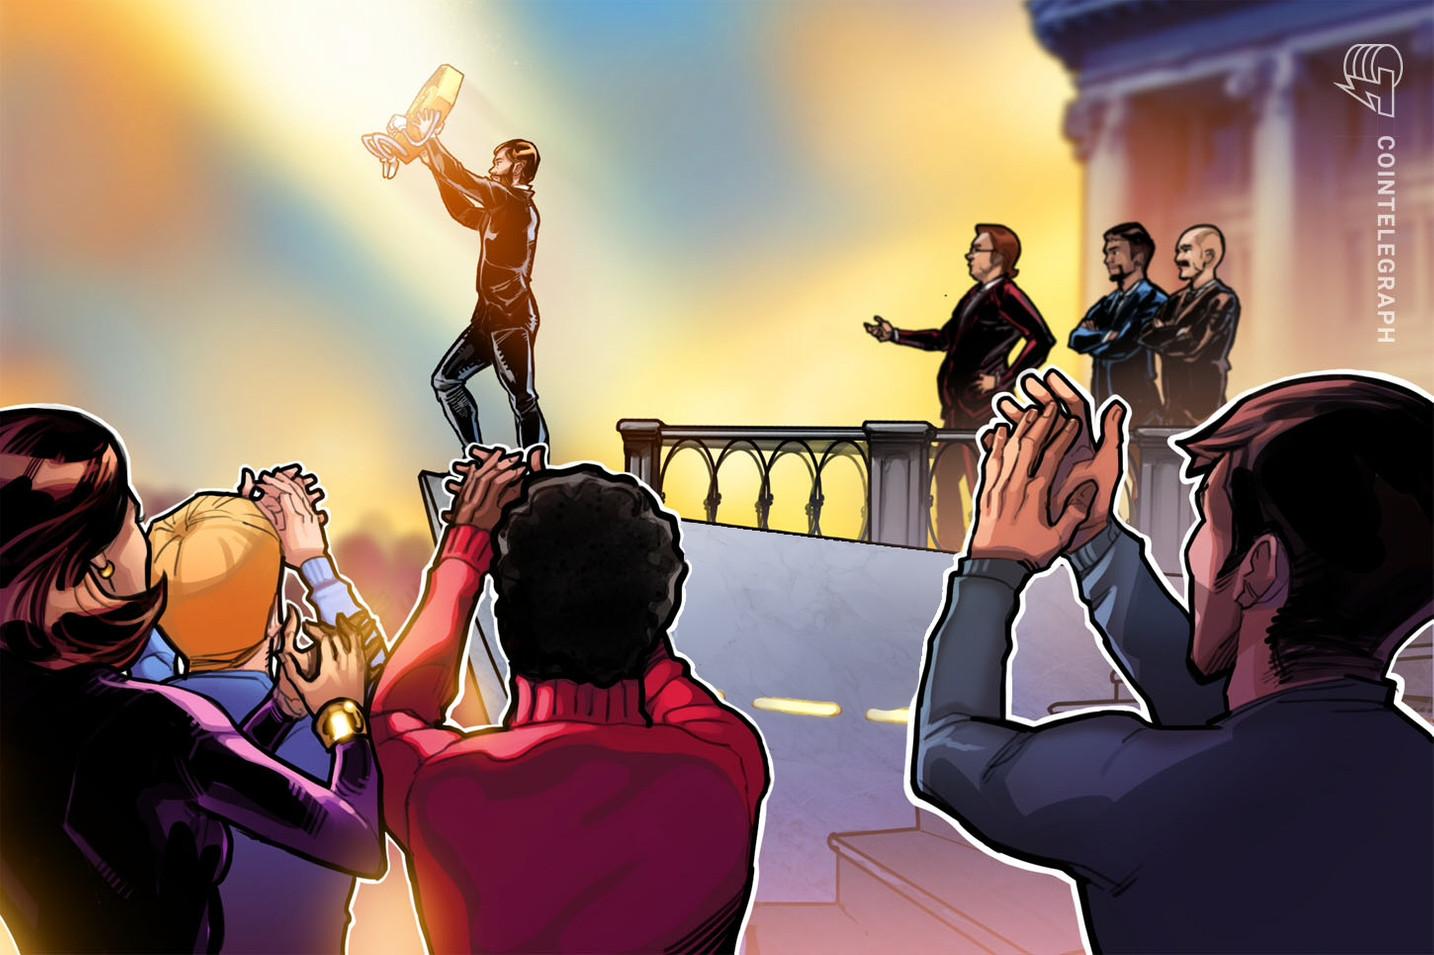 Bitfinex confirma que la oferta inicial de exchange aumentará hasta USD 1,000 millones en Tether